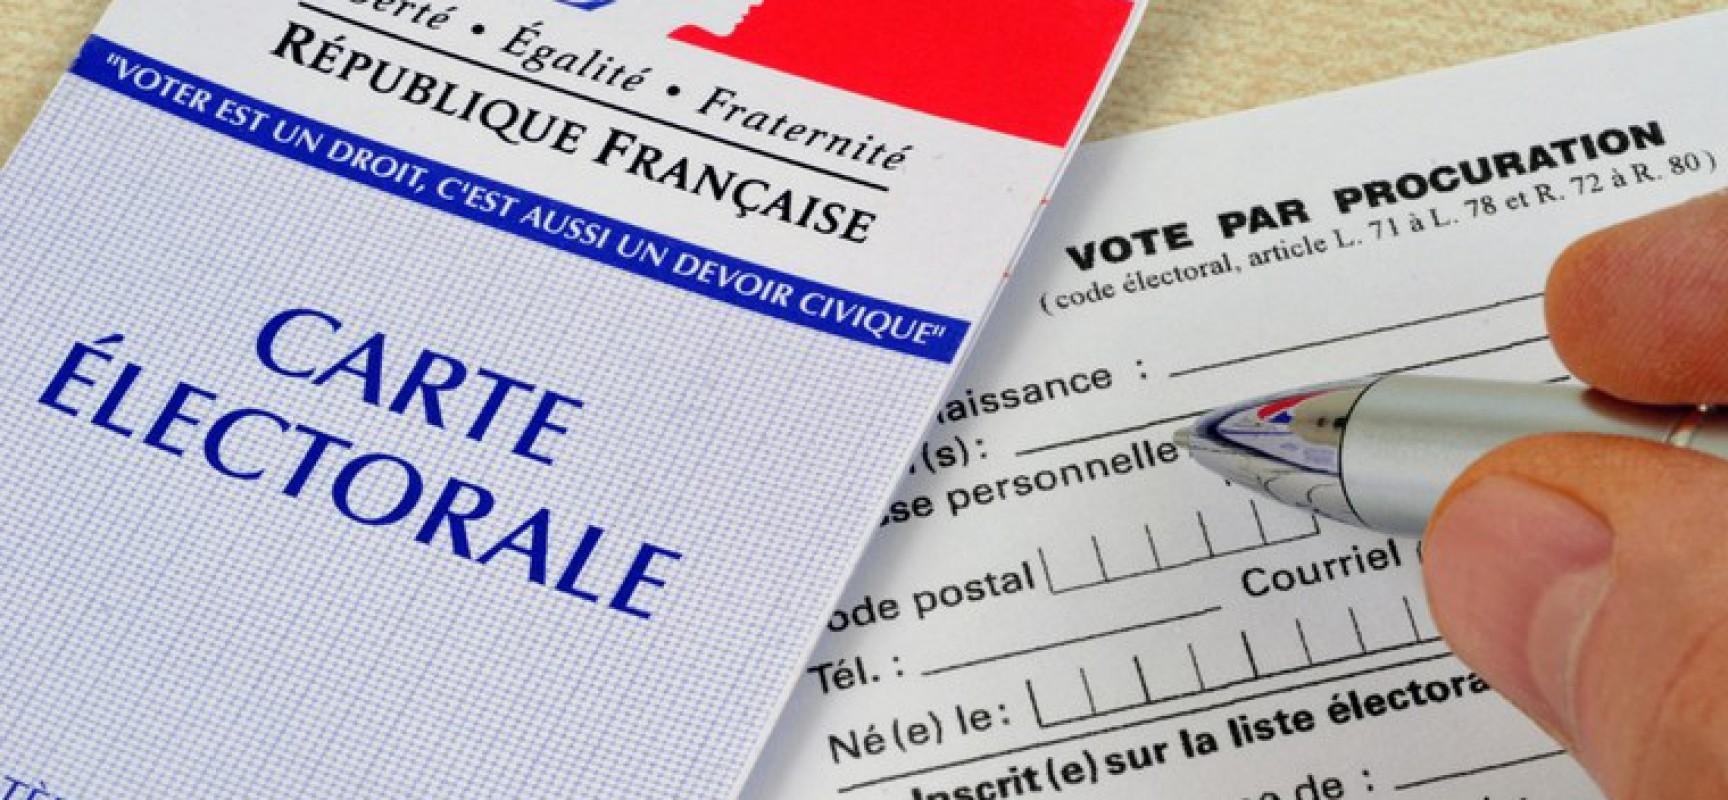 Une zone d'ombre sur 6 millions d'électeurs? Liliane Held-Khawam